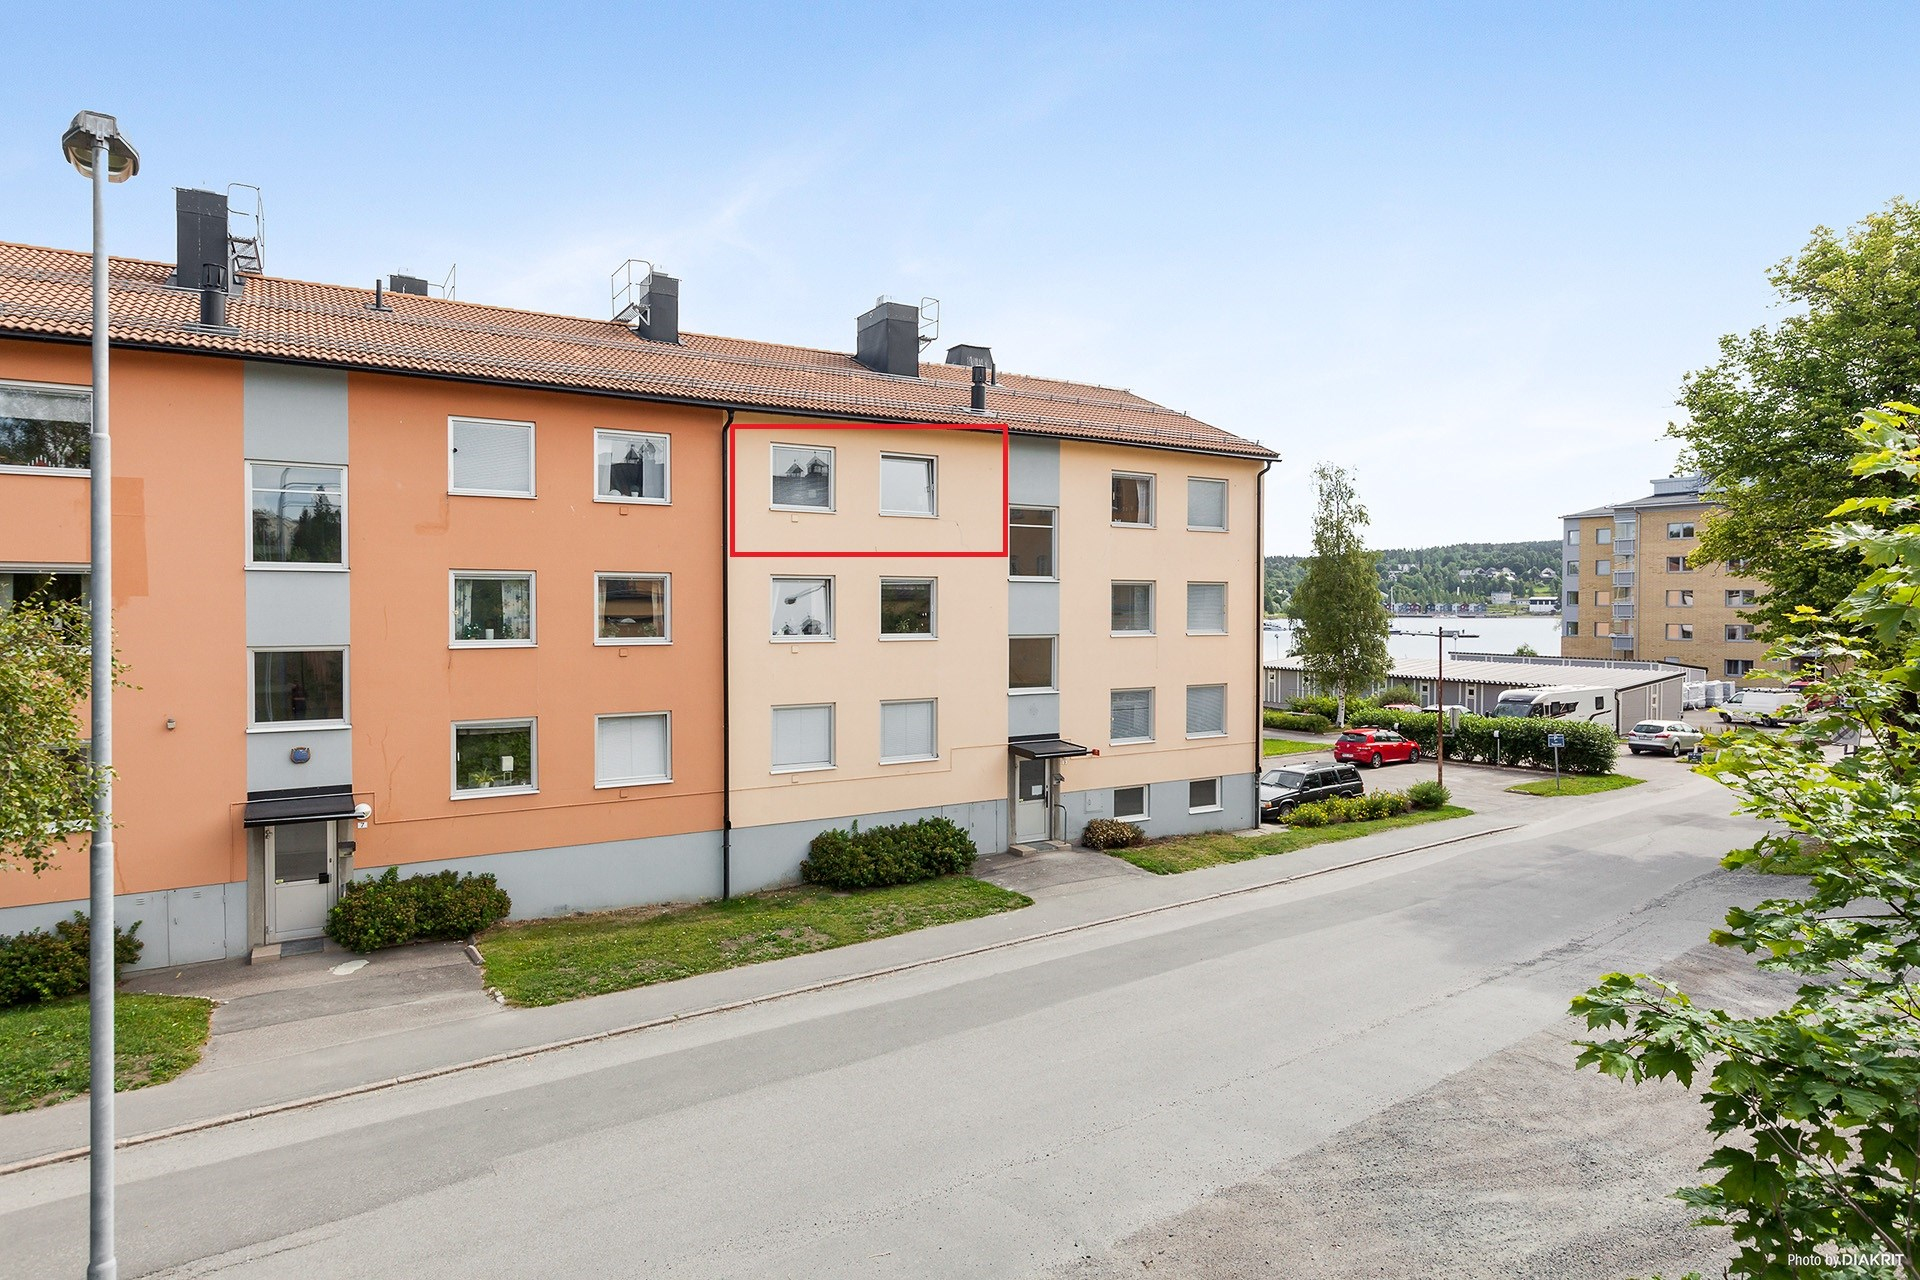 Välkommen till Hospitalsgatan 9 i Brf Tuppen.